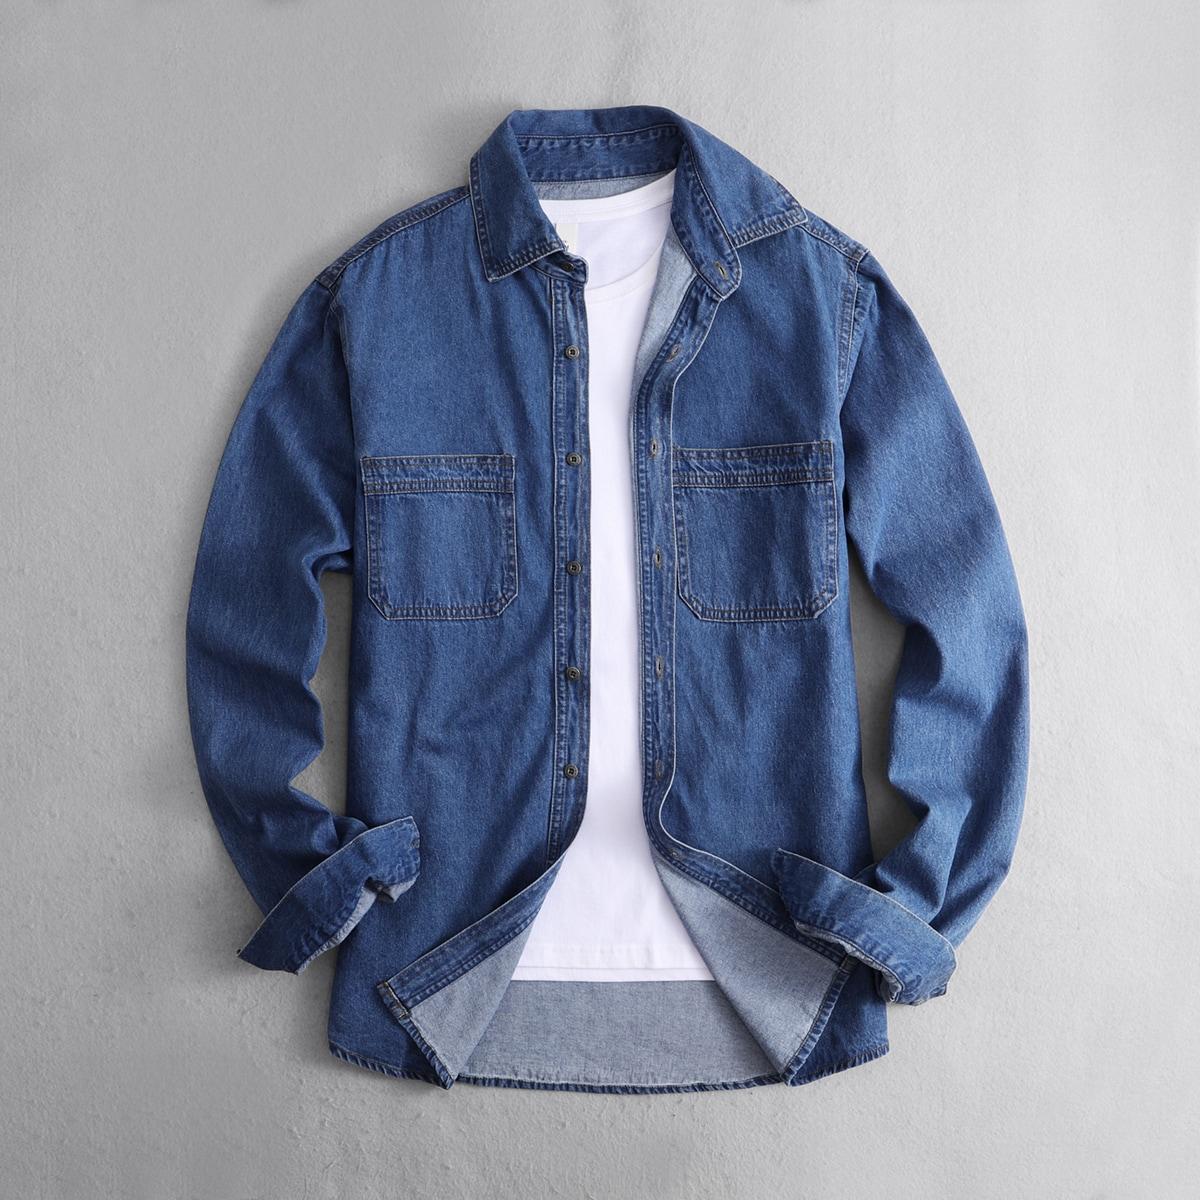 Мужская джинсовая рубашка на пуговицах с карманом без футболки